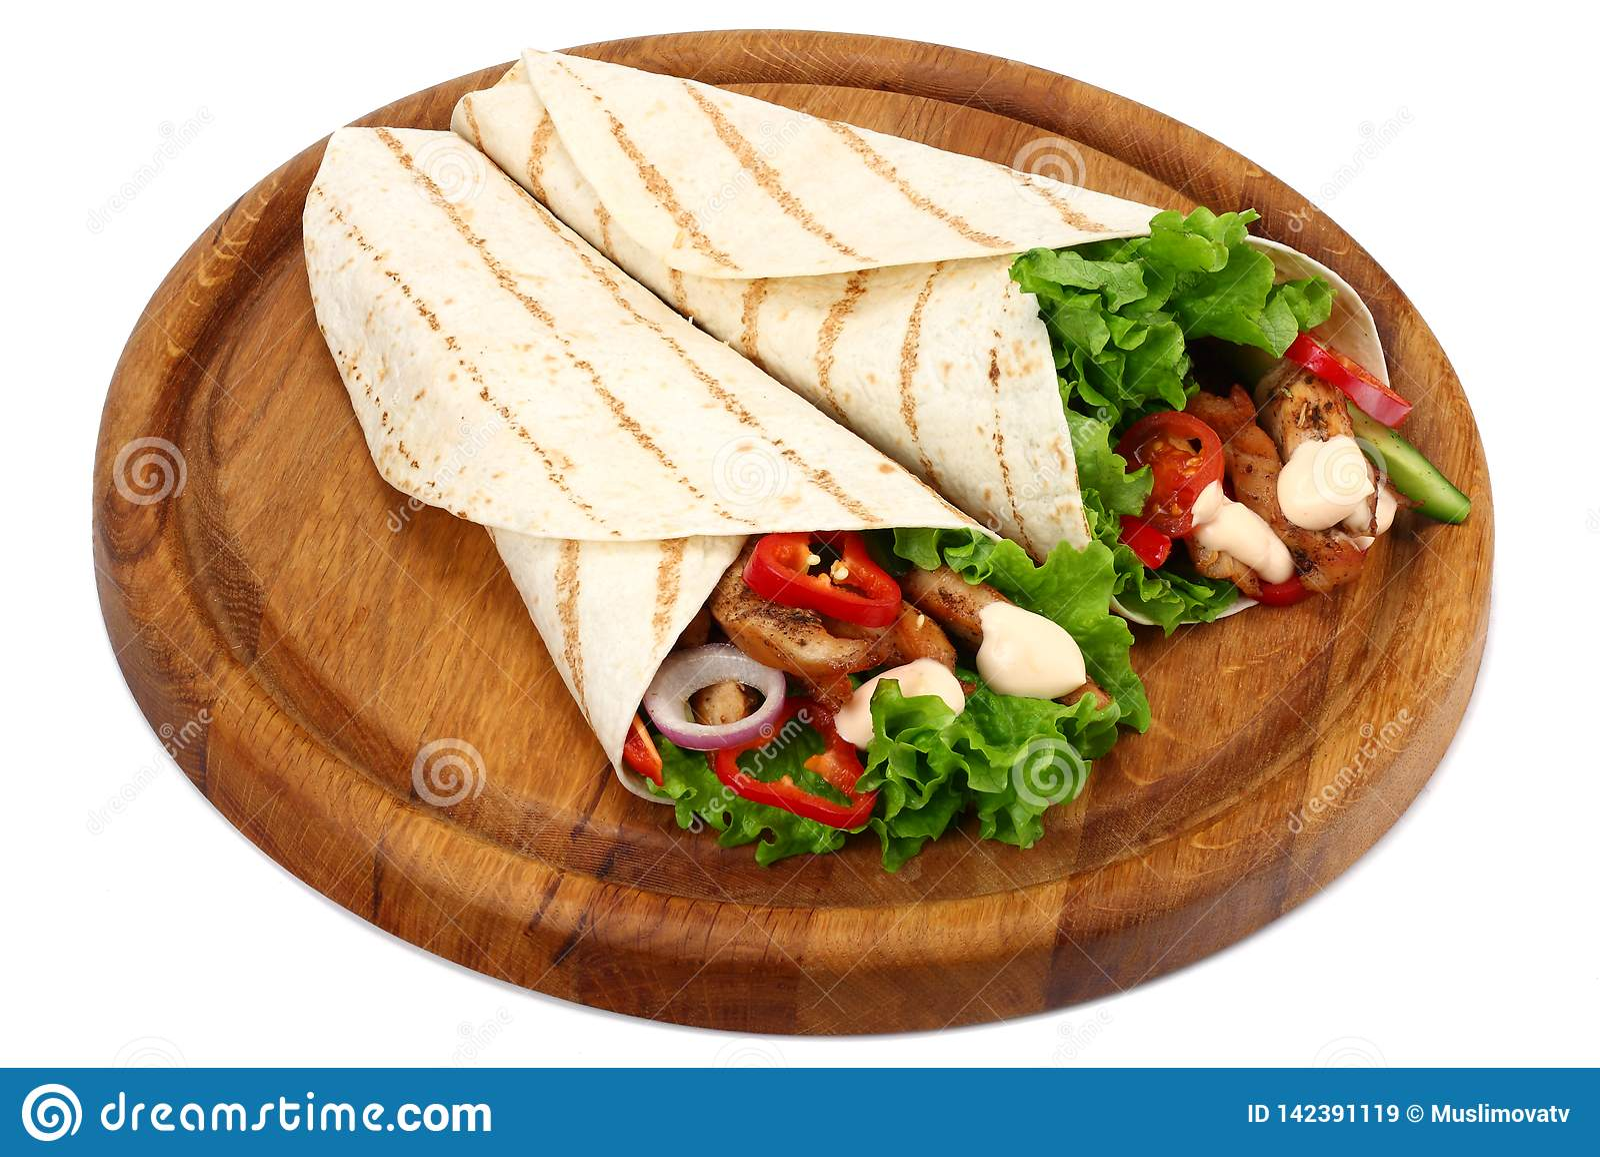 Tortilla opakunek z pieczonych kurczaków warzywami na drewnianej desce odizolowywającej na białym tle i mięsem